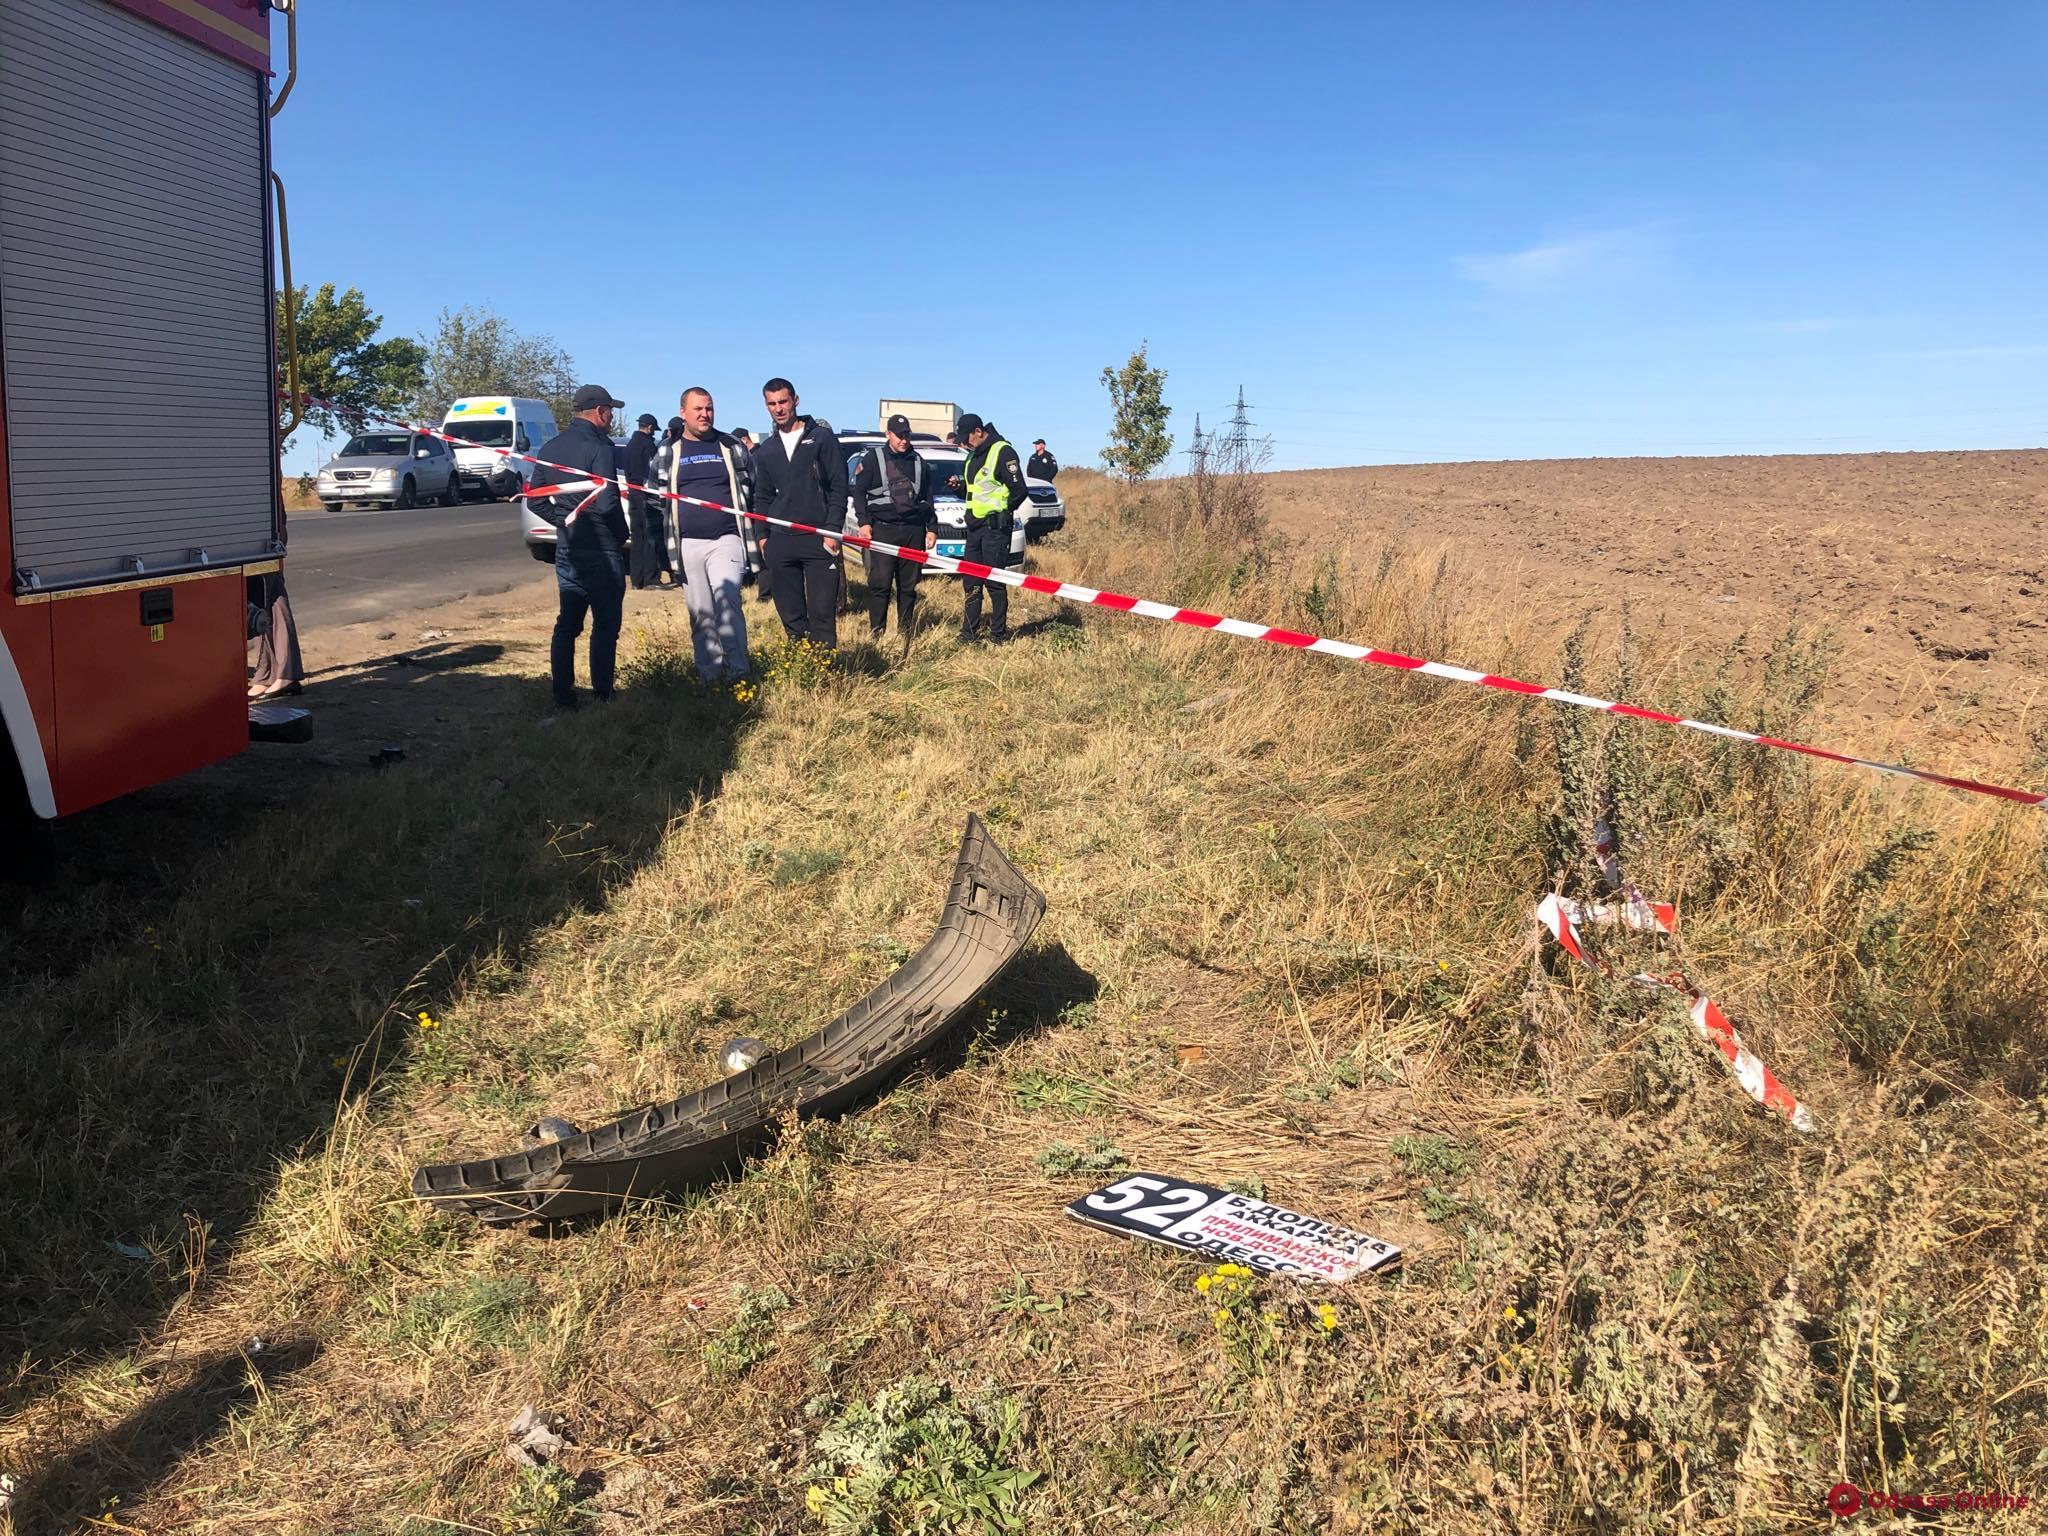 Смертельная авария под Одессой произошла по вине водителя бензовоза